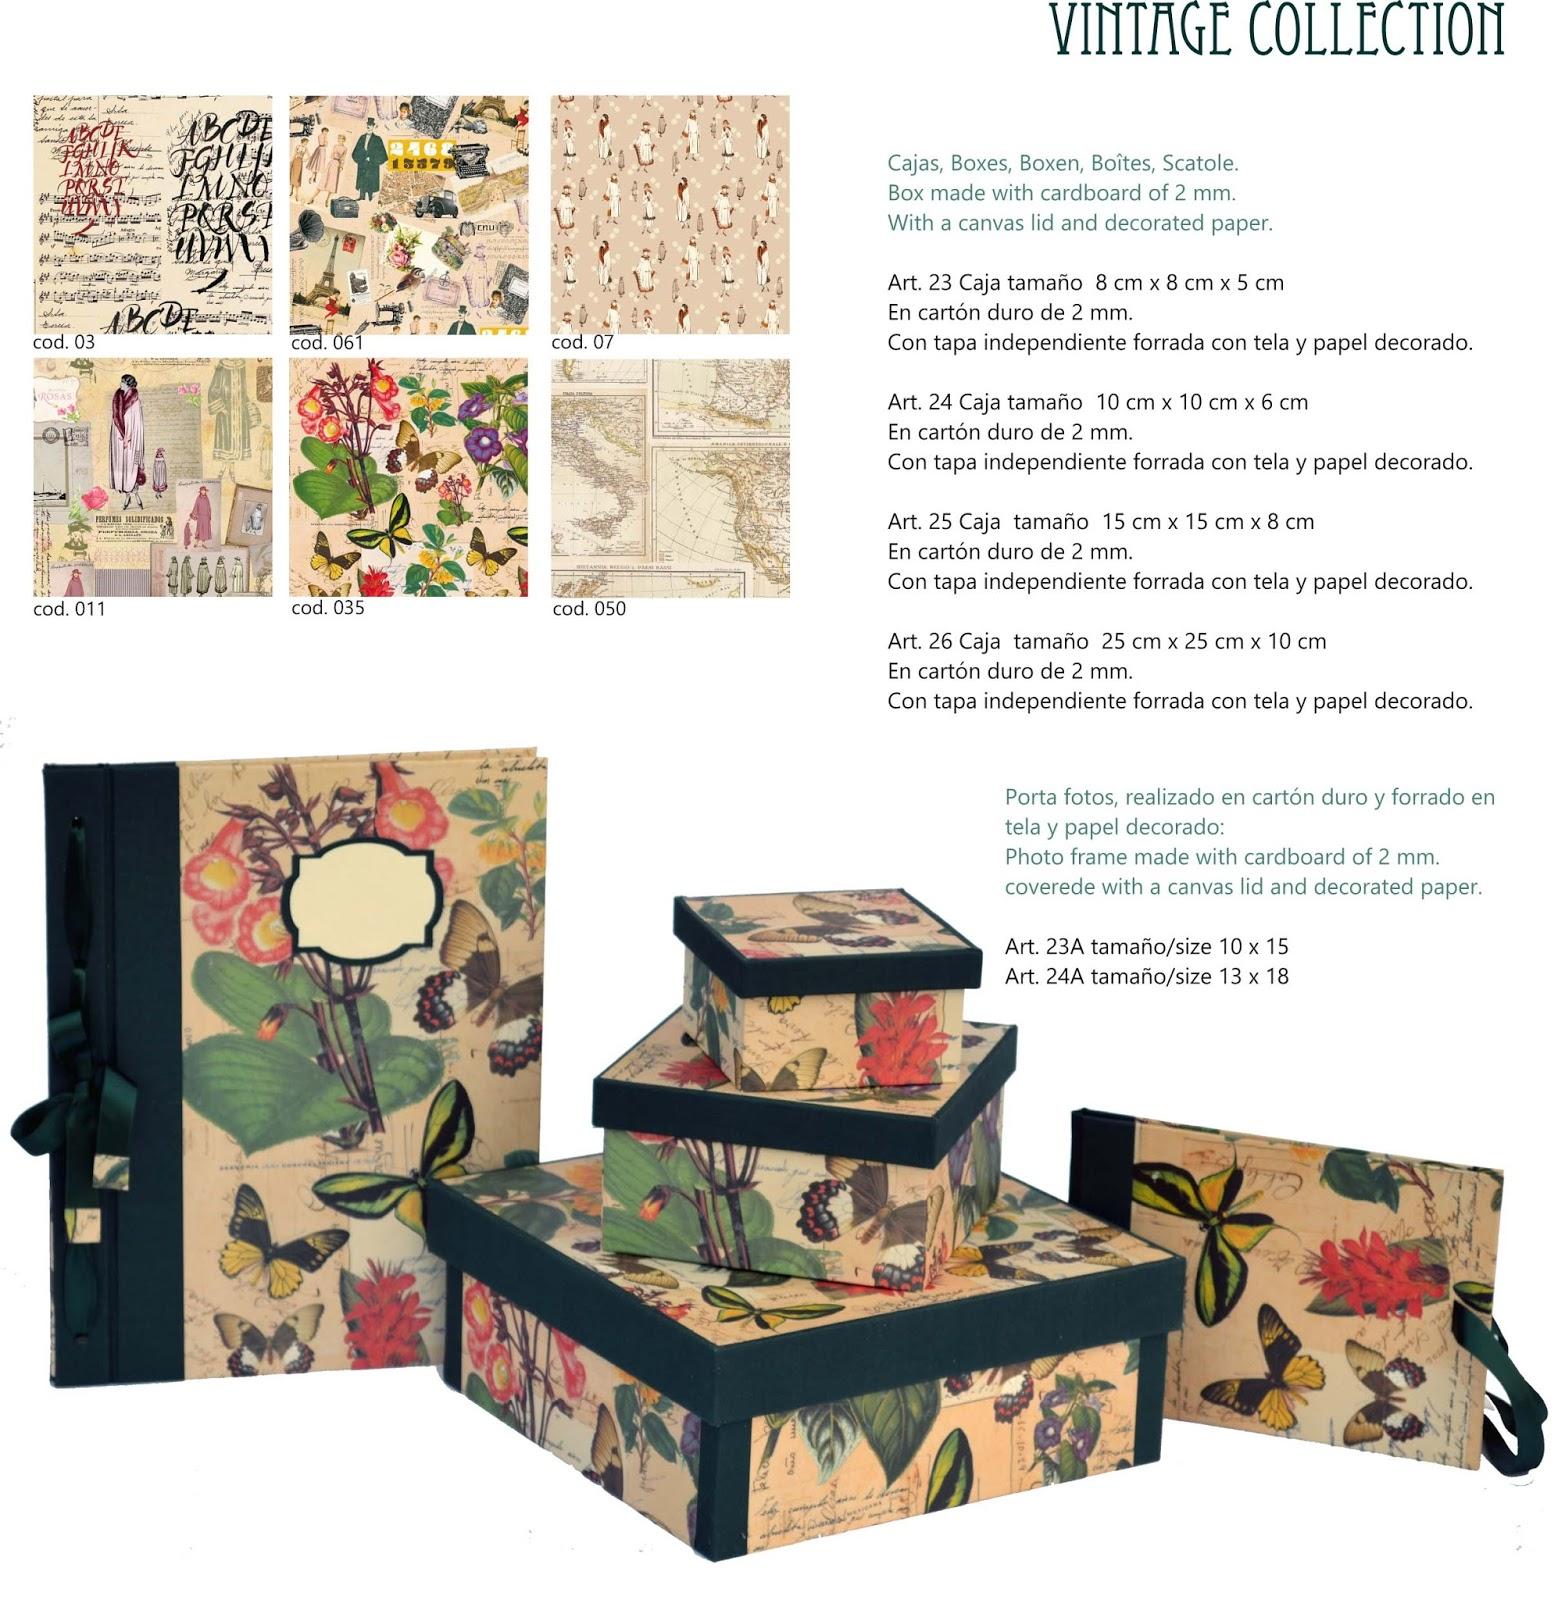 Artpapel Arte De Crear Con El Papel Nuevo Catalogo